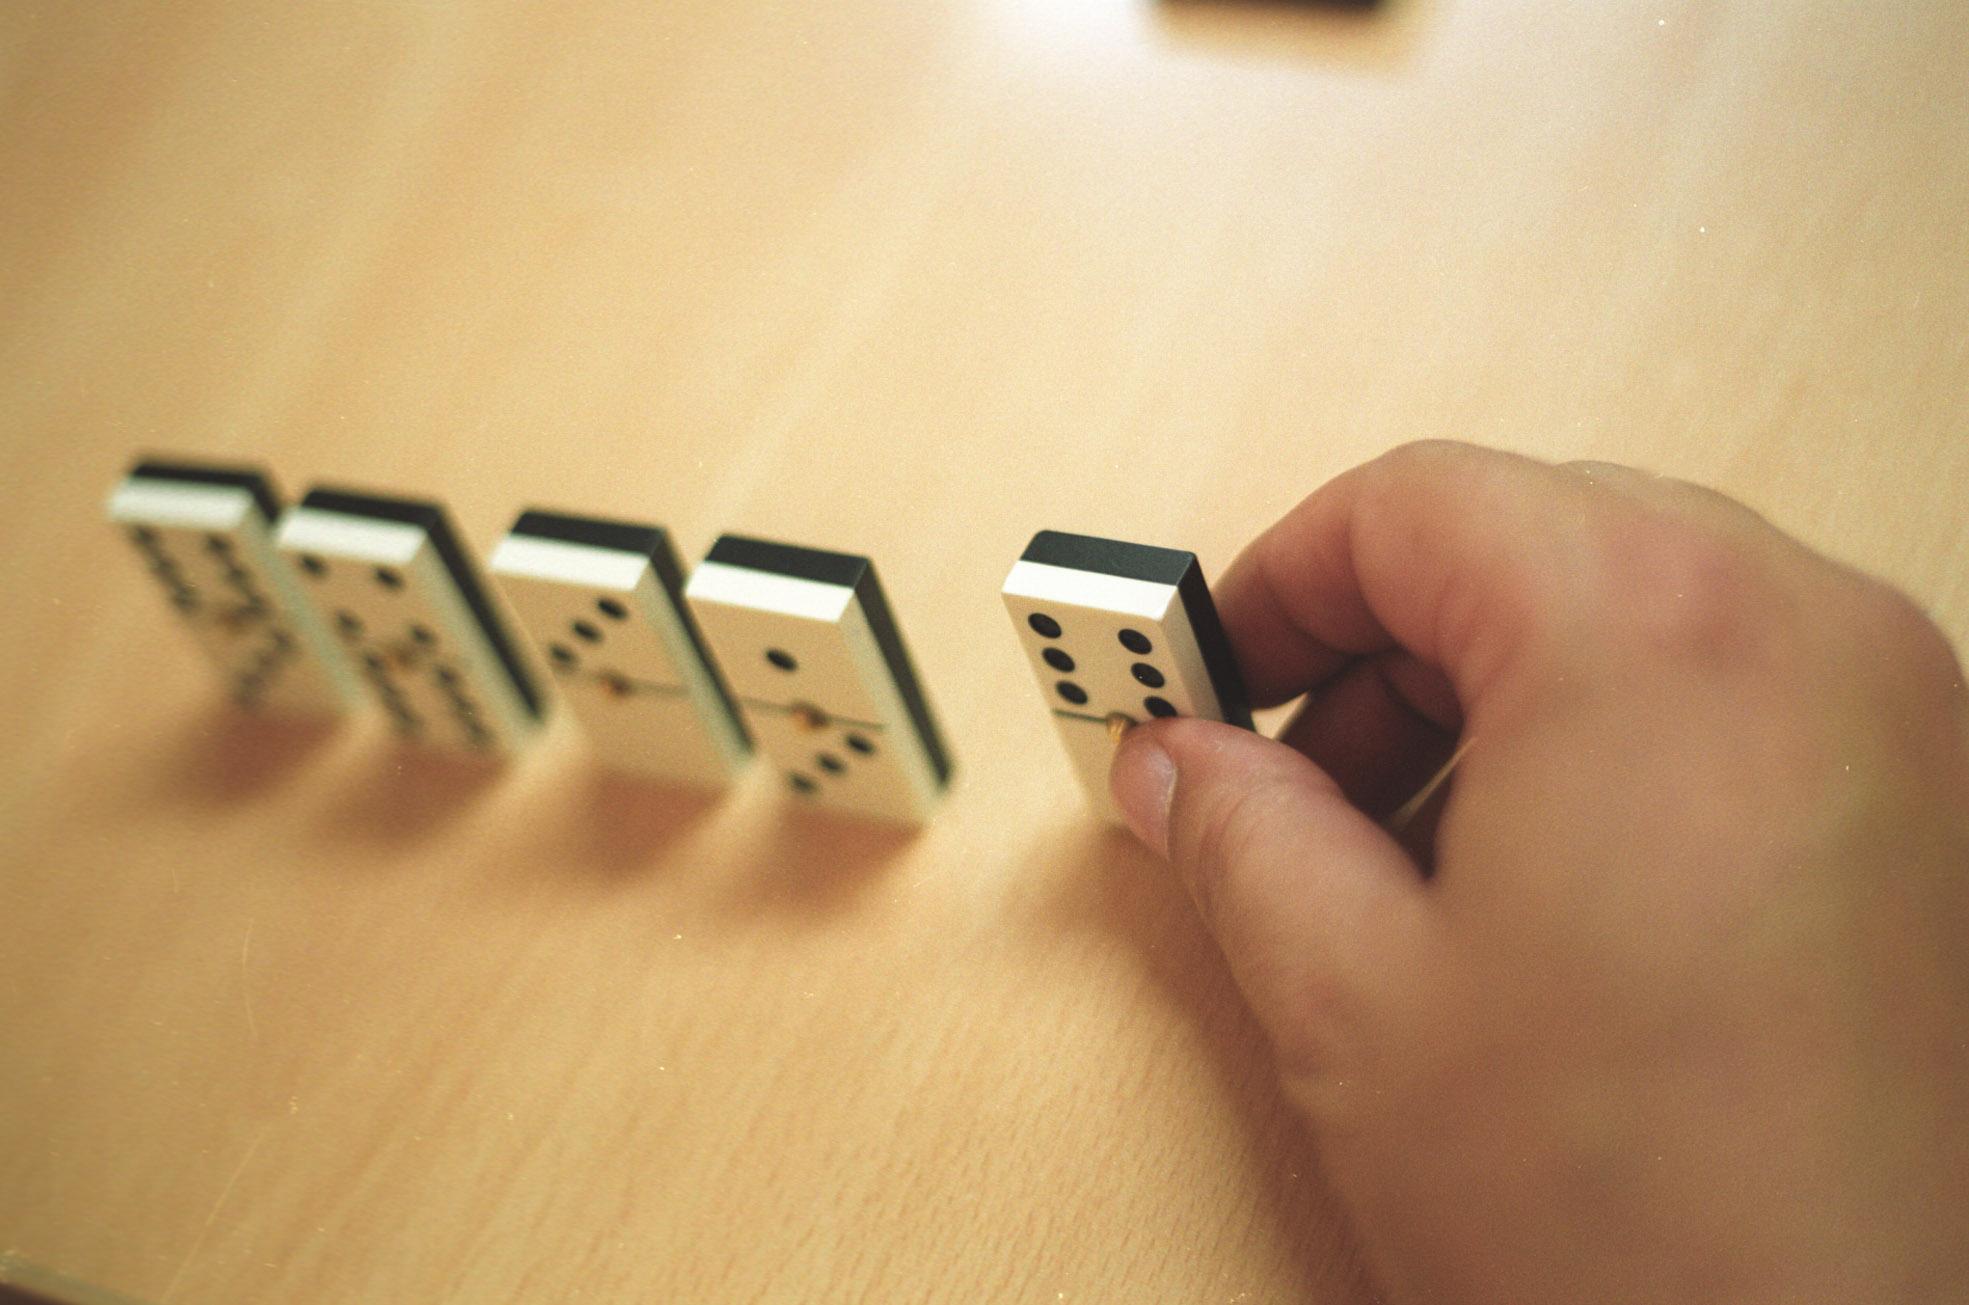 La prohibición de jugar al dominó en los veladores se ha convertido en lo más llamativo de la ordenanza. / Pepo Herrera